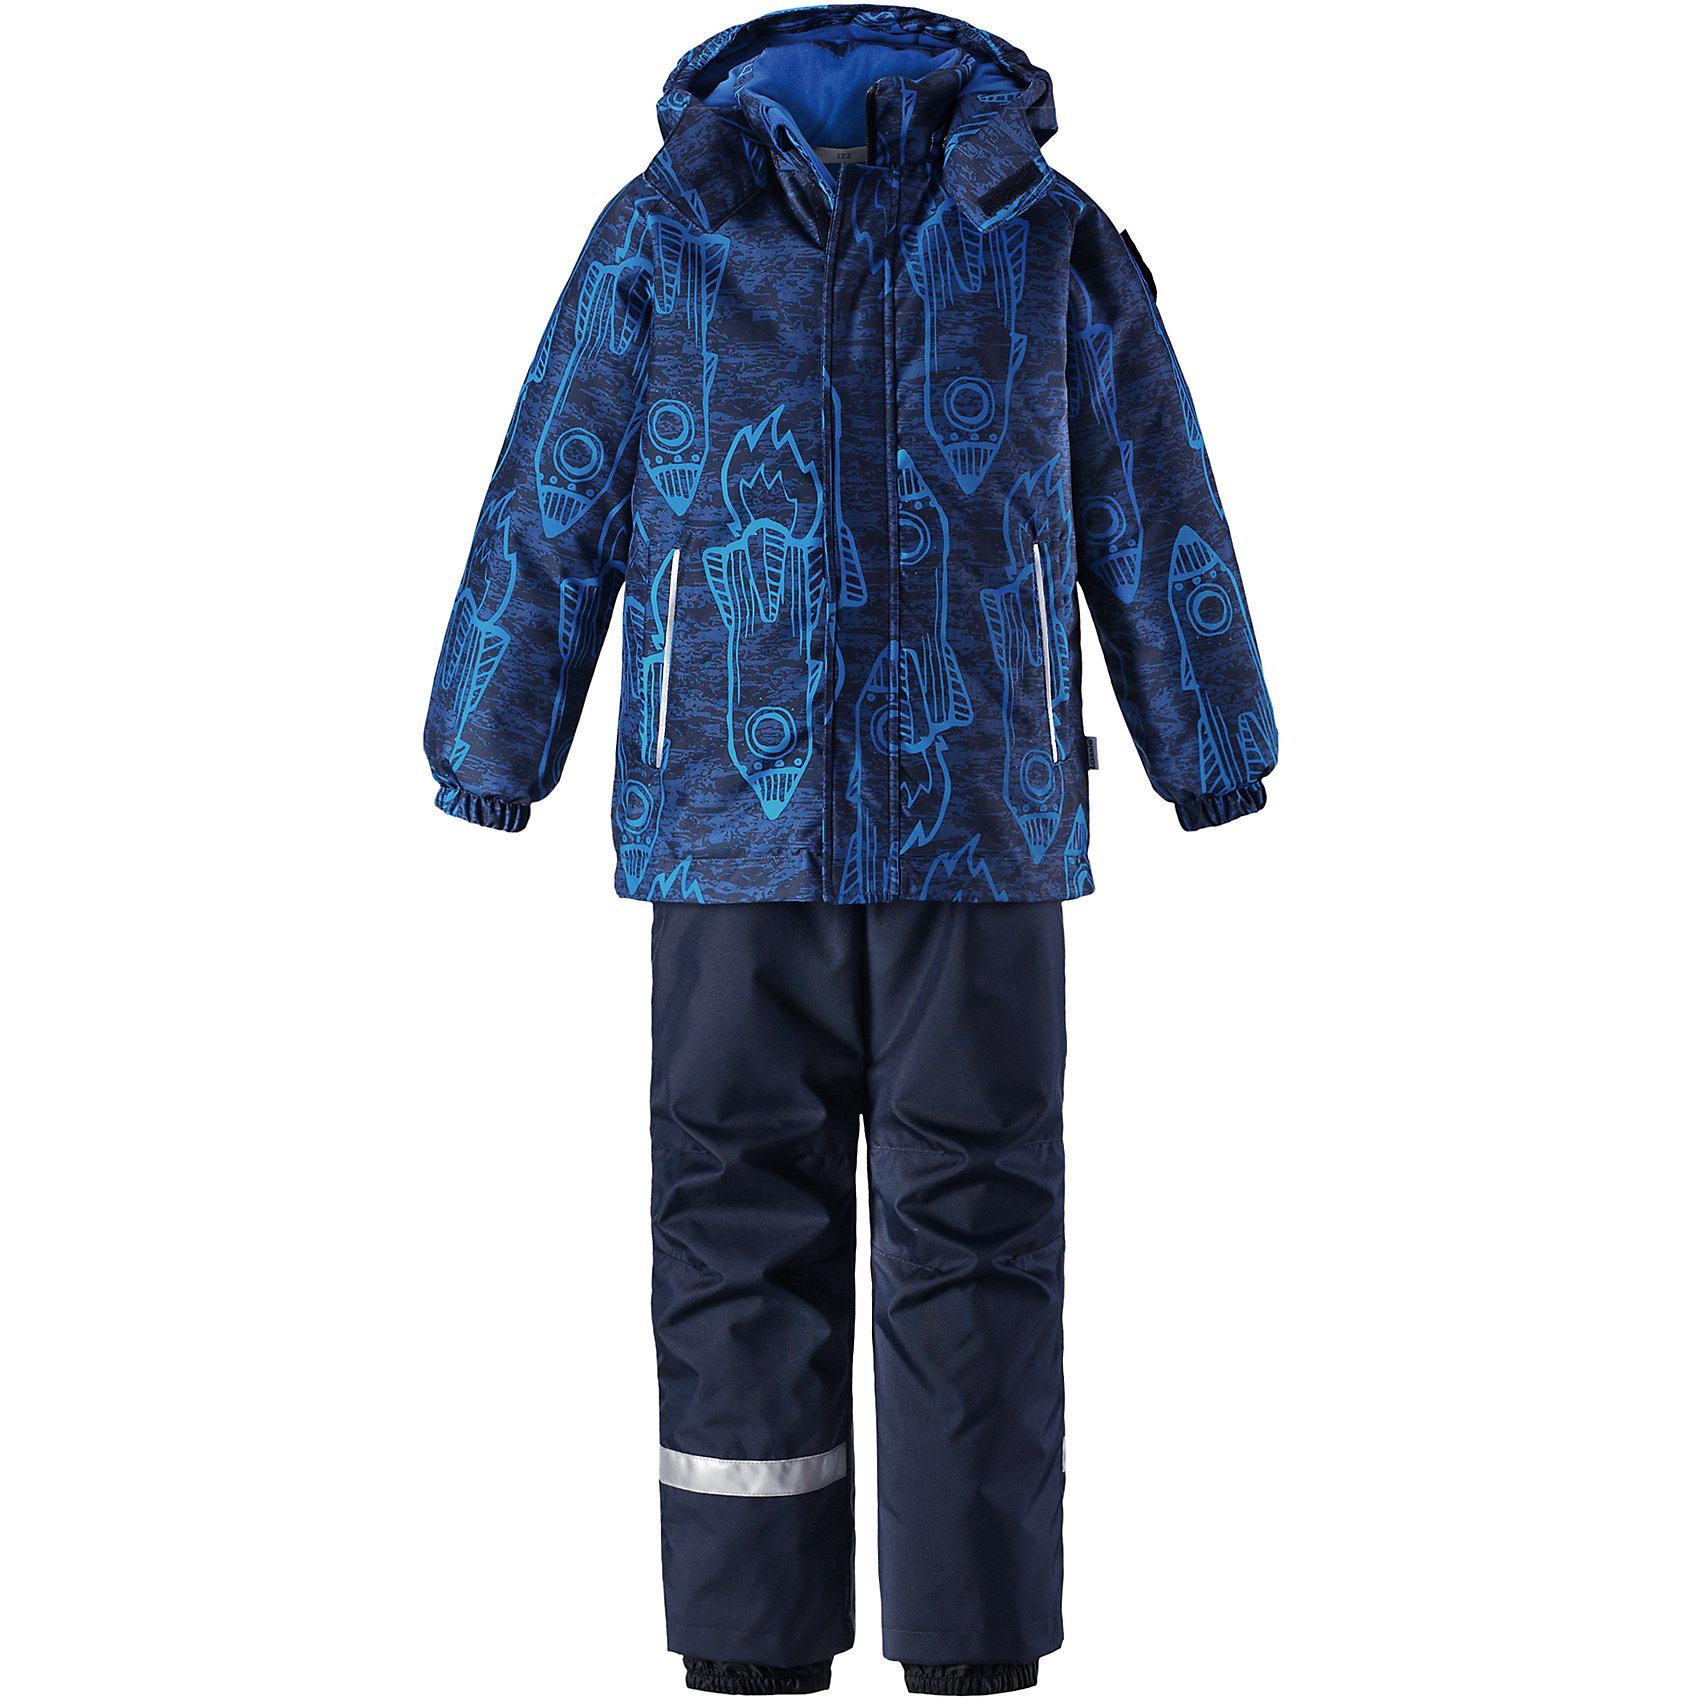 Комплект Lassie для мальчикаОдежда<br>Характеристики товара:<br><br>• цвет: синий;<br>• состав: 100% полиэстер, полиуретановое покрытие;<br>• подкладка: 100% полиэстер;<br>• утеплитель: куртка 180 г/м2, брюки 100 г/м2;<br>• сезон: зима;<br>• температурный режим: от 0 до -20С;<br>• водонепроницаемость: 1000 мм;<br>• воздухопроницаемость: 1000 мм;<br>• износостойкость: 50000 циклов (тест Мартиндейла);<br>• застежка: куртка на молнии, брюки молнии и пуговице;<br>• водоотталкивающий, ветронепроницаемый и дышащий материал;<br>• гладкая подкладка из полиэстера; <br>• безопасный съемный капюшон;<br>• эластичные манжеты; <br>• снегозащитные манжеты на штанинах;<br>• эластичная талия;<br>• регулируемый подол;<br>• регулируемые и отстегивающиеся эластичные подтяжки;<br>• два кармана на молнии;<br>• светоотражающие детали;<br>• страна бренда: Финляндия;<br>• страна изготовитель: Китай;<br><br>Этот очень теплый детский зимний комплект имеет множество продуманных  функциональных деталей. Куртка снабжена безопасным съемным капюшоном, который защищает щечки от морозного ветра. Регулируемый подол позволяет откорректировать куртку по фигуре и обеспечивает дополнительную защиту. Защита от снега на концах брючин помогает ножкам оставаться сухими и теплыми. <br><br>Брюки изготовлены из сверхпрочного материала и идеально подходят для активных зимних игр на свежем воздухе или катания на лыжах. Удобная молния спереди облегчает надевание, а съемные регулируемые подтяжки позволяют откорректировать брюки идеально по размеру. Безопасный съемный капюшон и яркая расцветка завершают образ.<br><br>Комплект Lassie (Ласси) для мальчика можно купить в нашем интернет-магазине.<br><br>Ширина мм: 356<br>Глубина мм: 10<br>Высота мм: 245<br>Вес г: 519<br>Цвет: синий<br>Возраст от месяцев: 108<br>Возраст до месяцев: 120<br>Пол: Мужской<br>Возраст: Детский<br>Размер: 140,92,98,104,110,116,122,128,134<br>SKU: 6927891